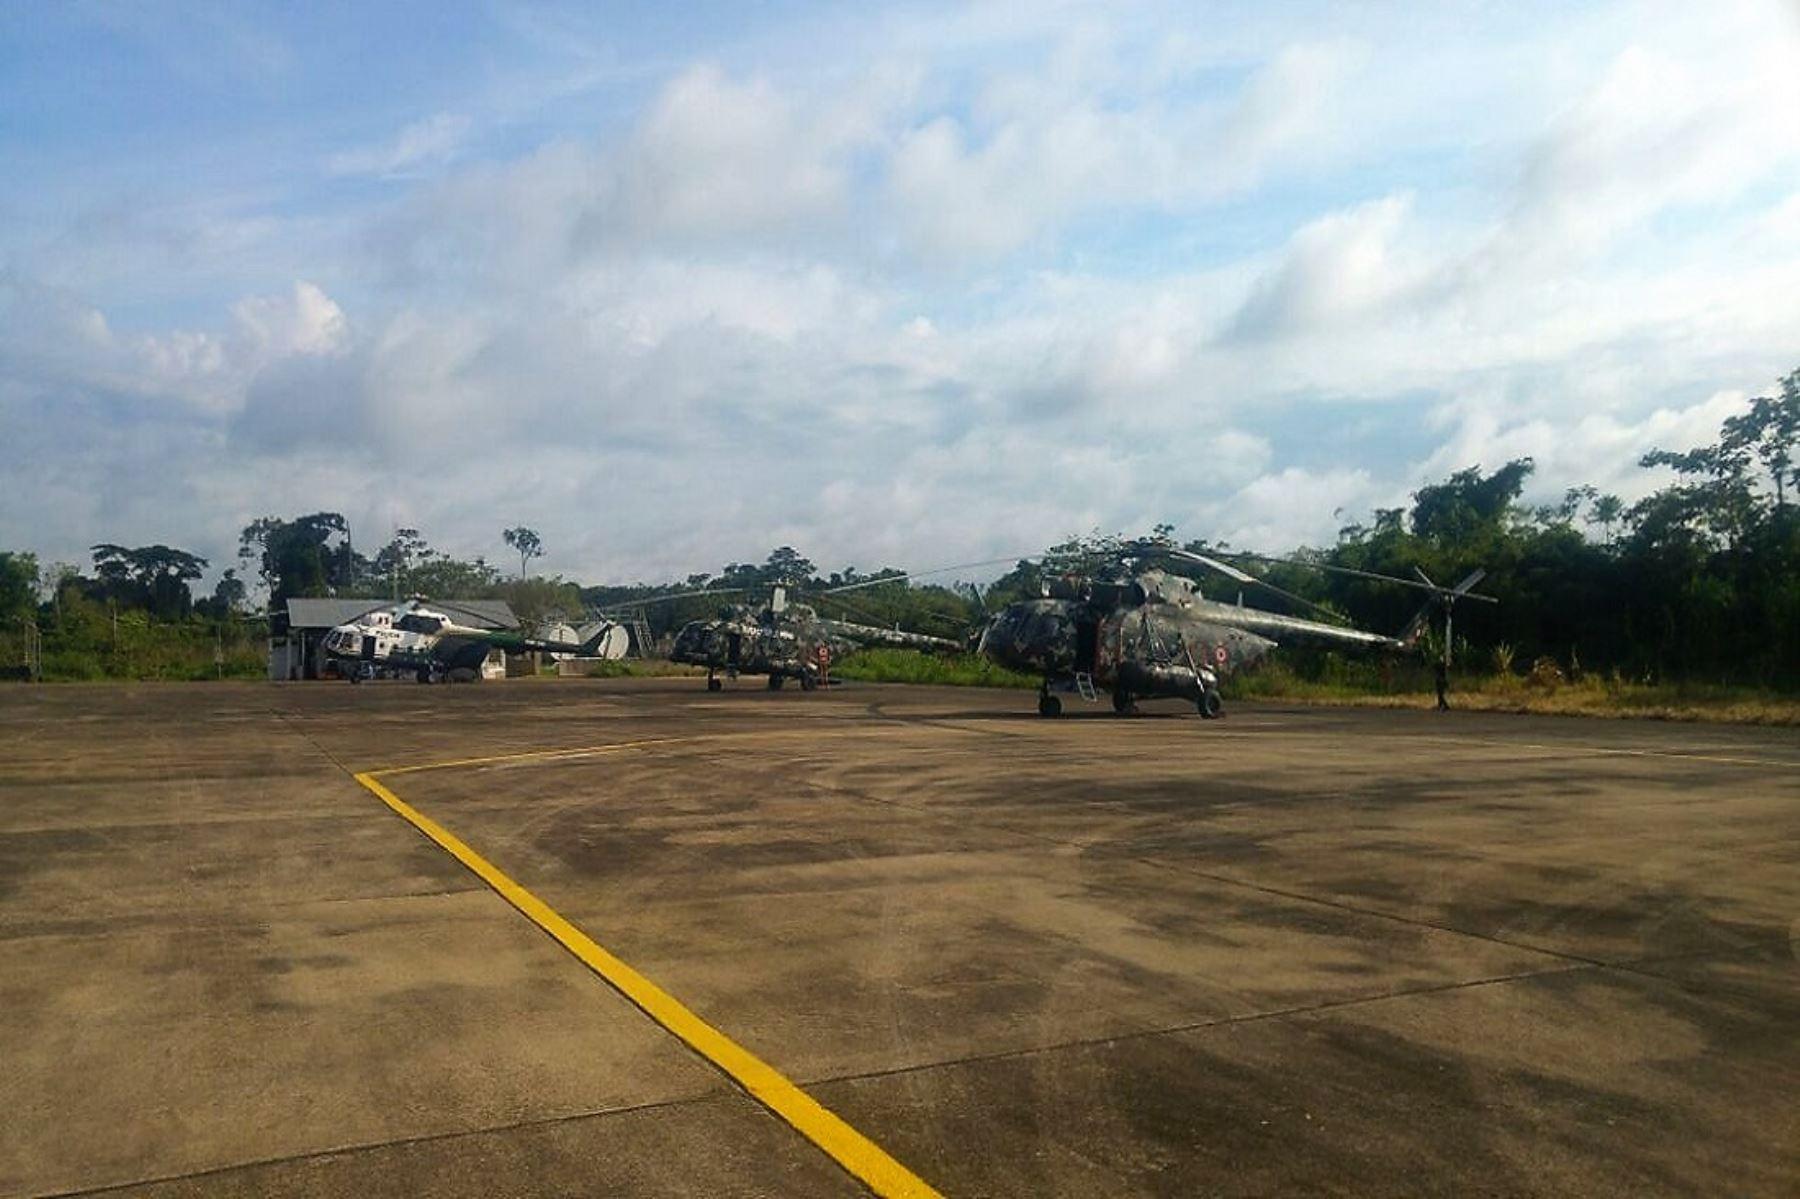 Fuerzas Armadas desplegaron helicópteros en apoyo de la Policía Nacional en la lucha contra la minería ilegal. Foto: ANDINA/Difusión.